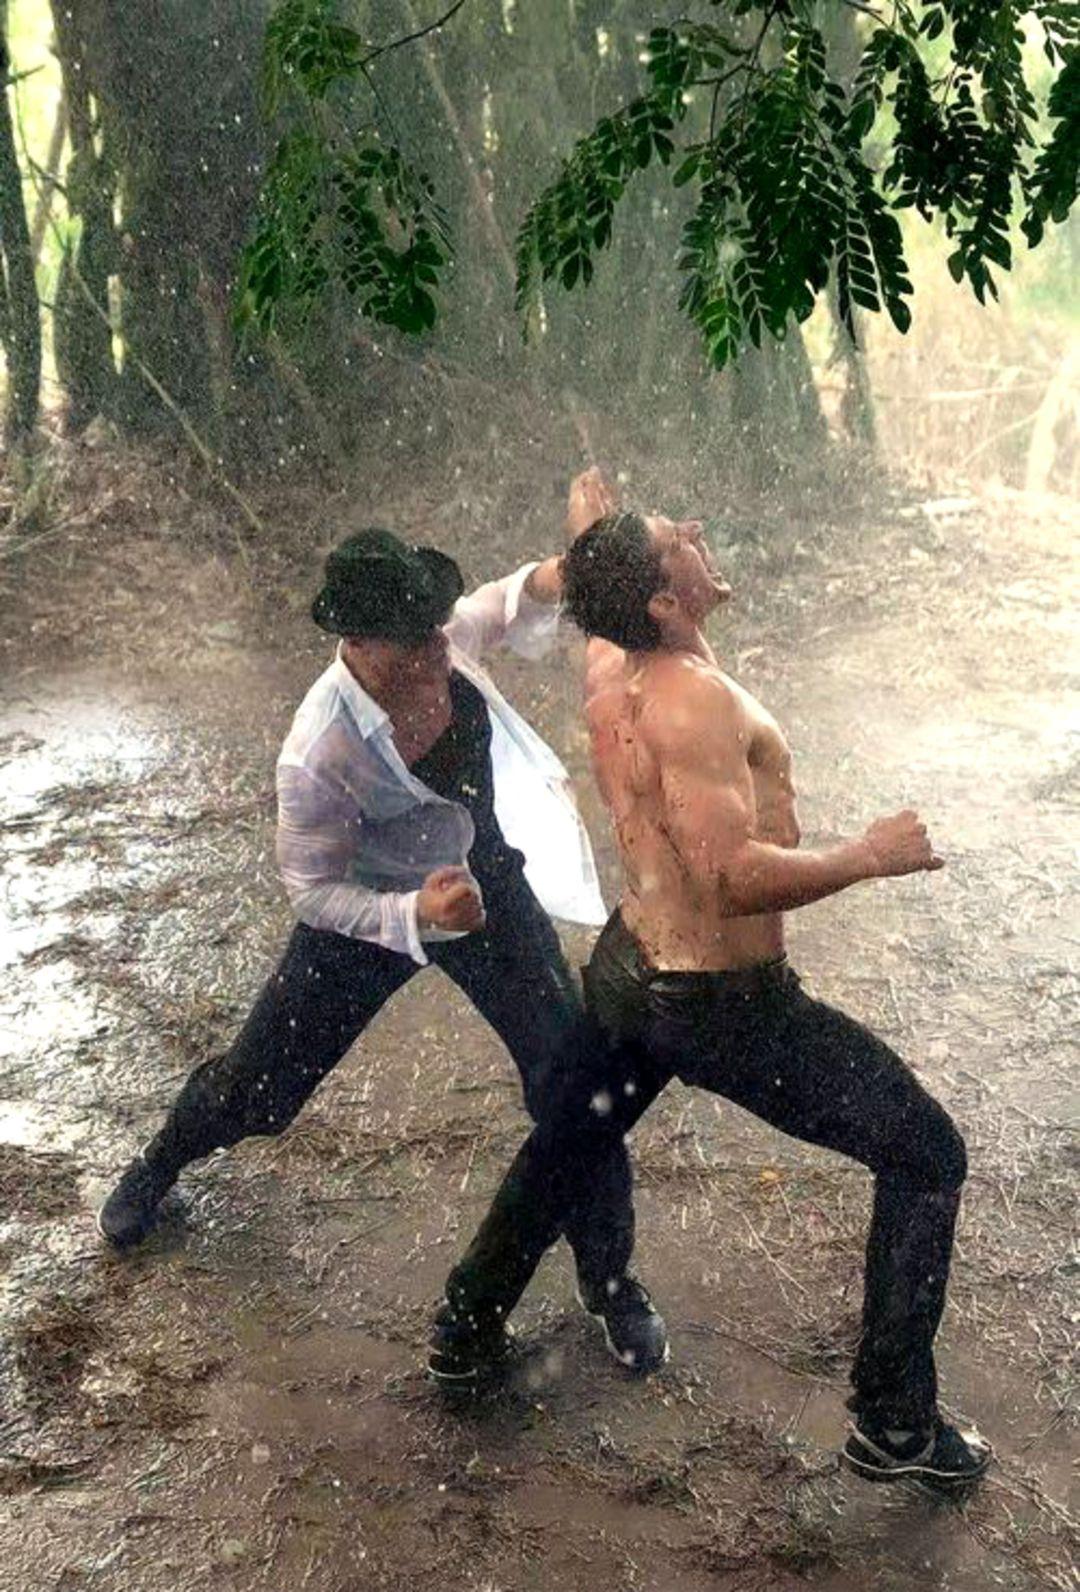 Immer auf die Fresse: beste Martial Arts Filme - Bild 3 von 3